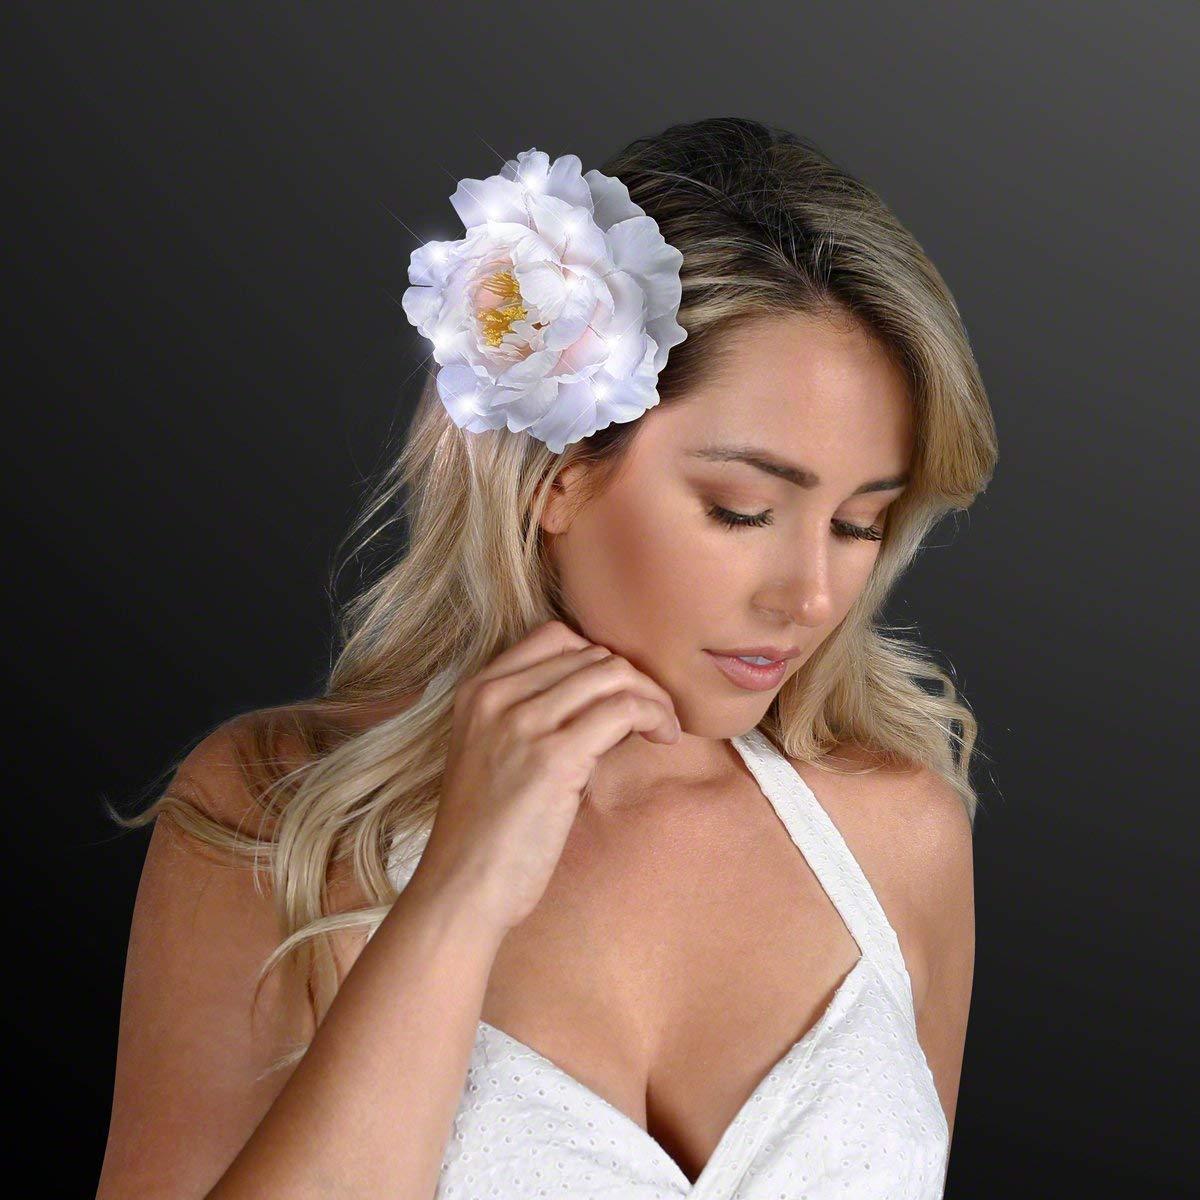 FlashingBlinkyLights White LED Classy Hair Light Up Flower Clip